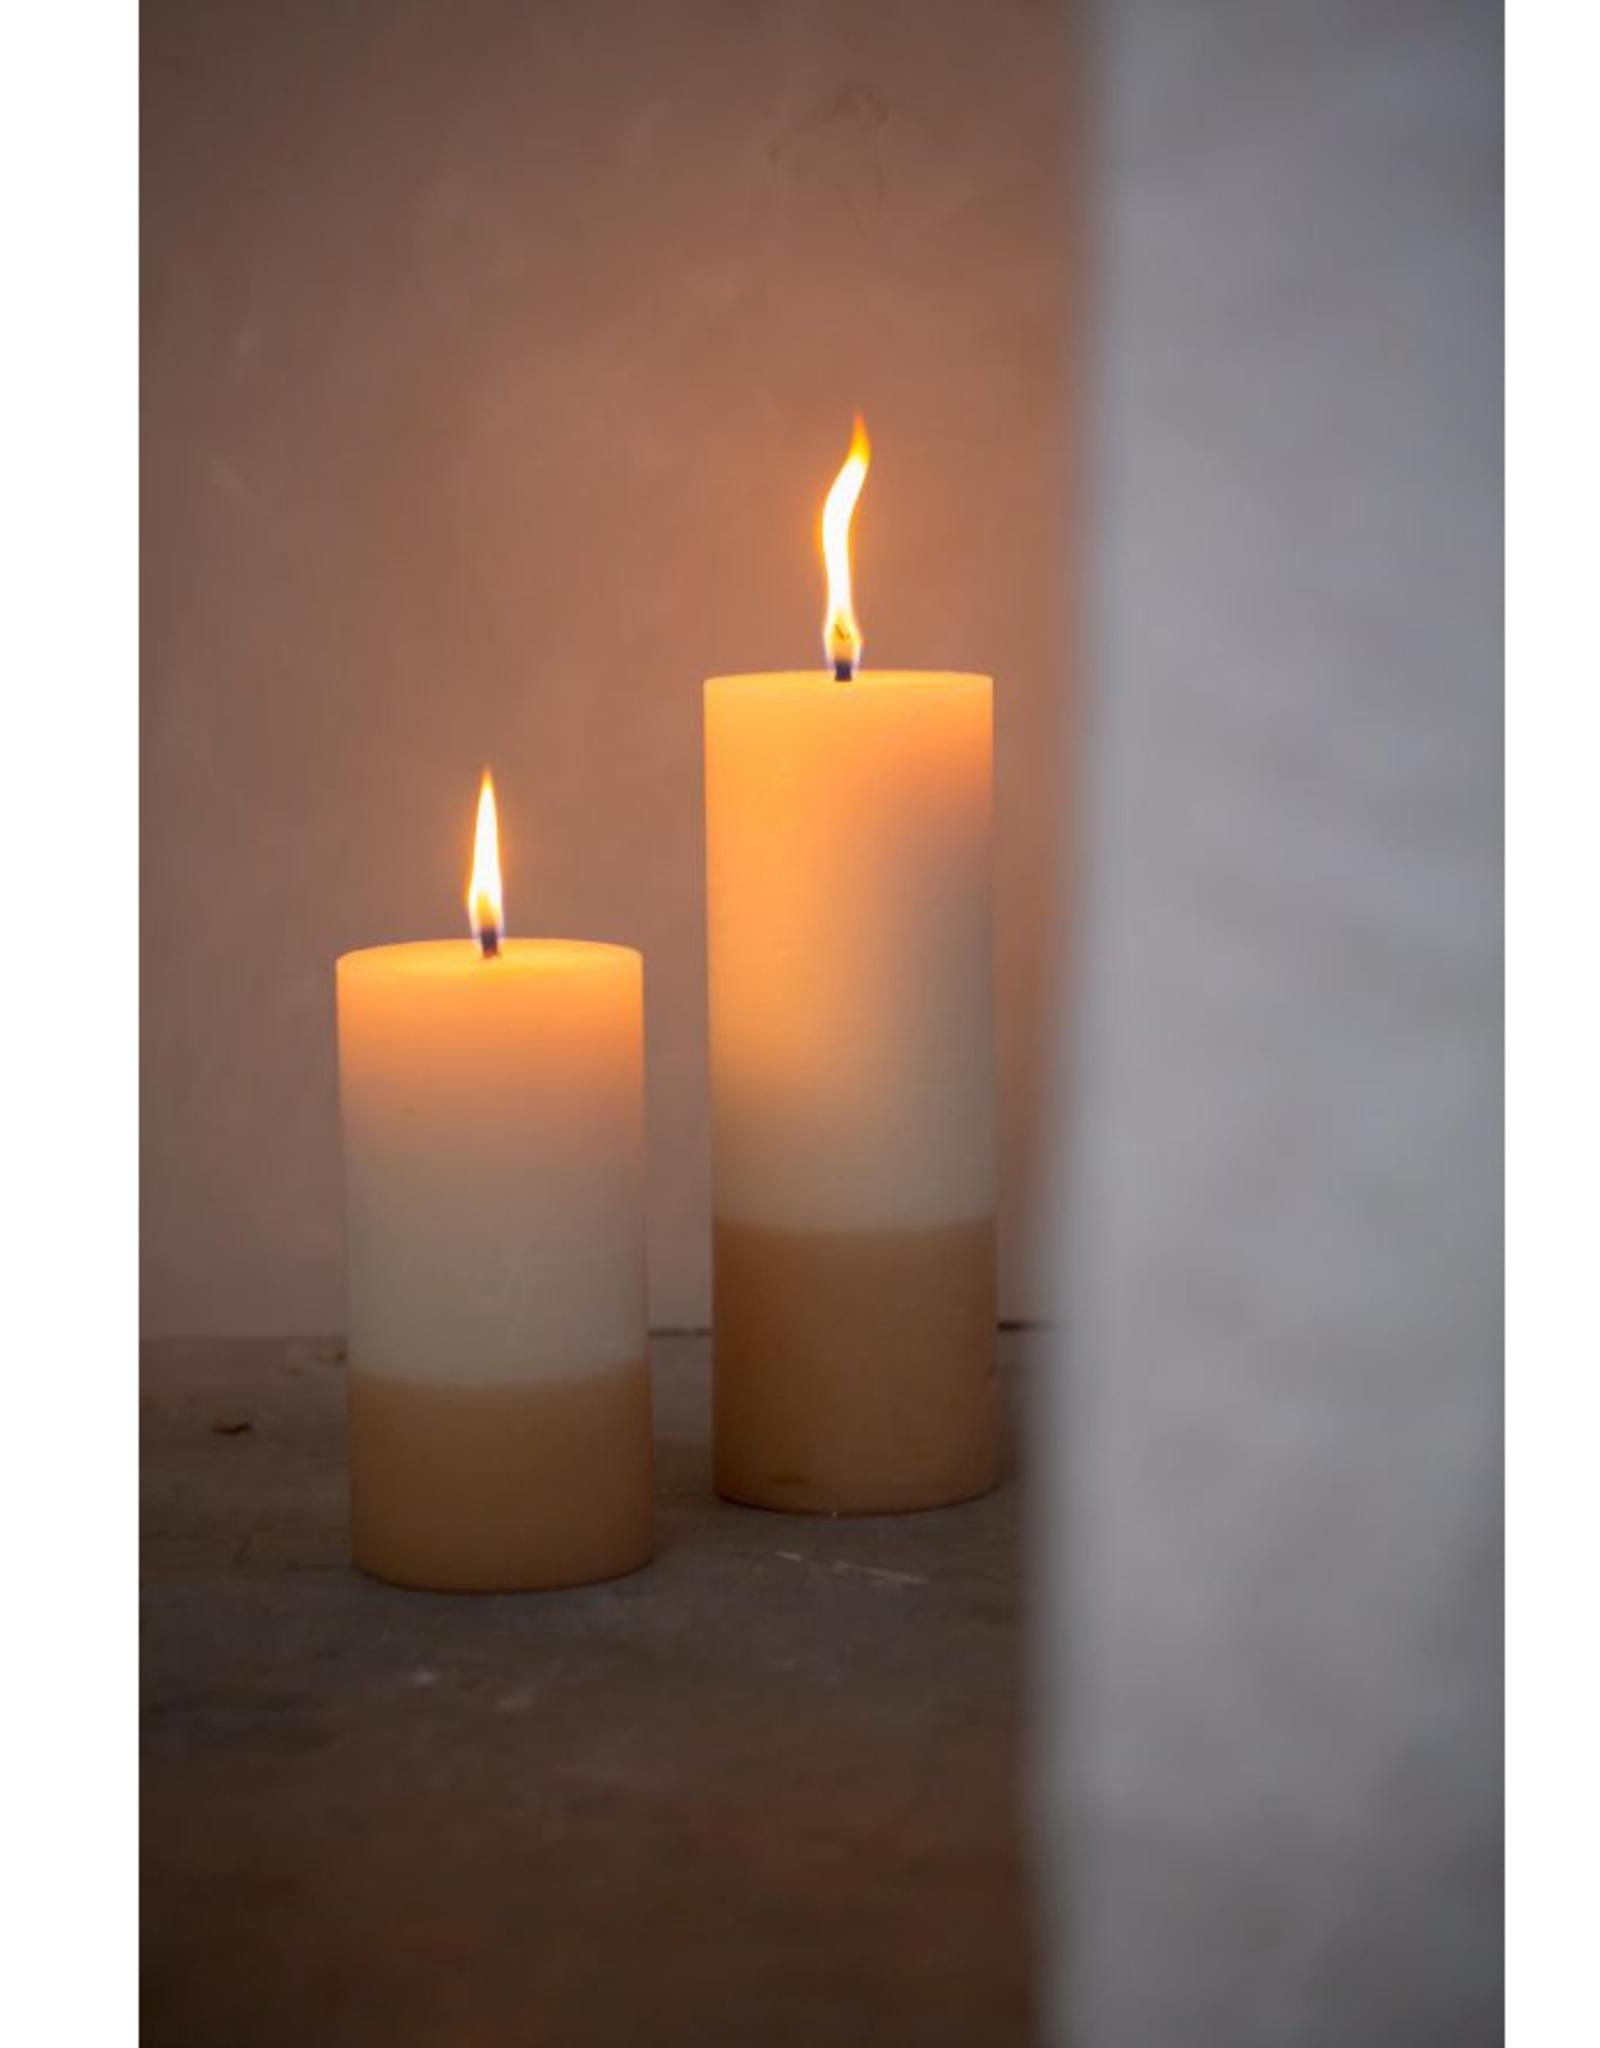 Rustik Lys Buiten PilaarKaars 10x28cm - Rustik Lys